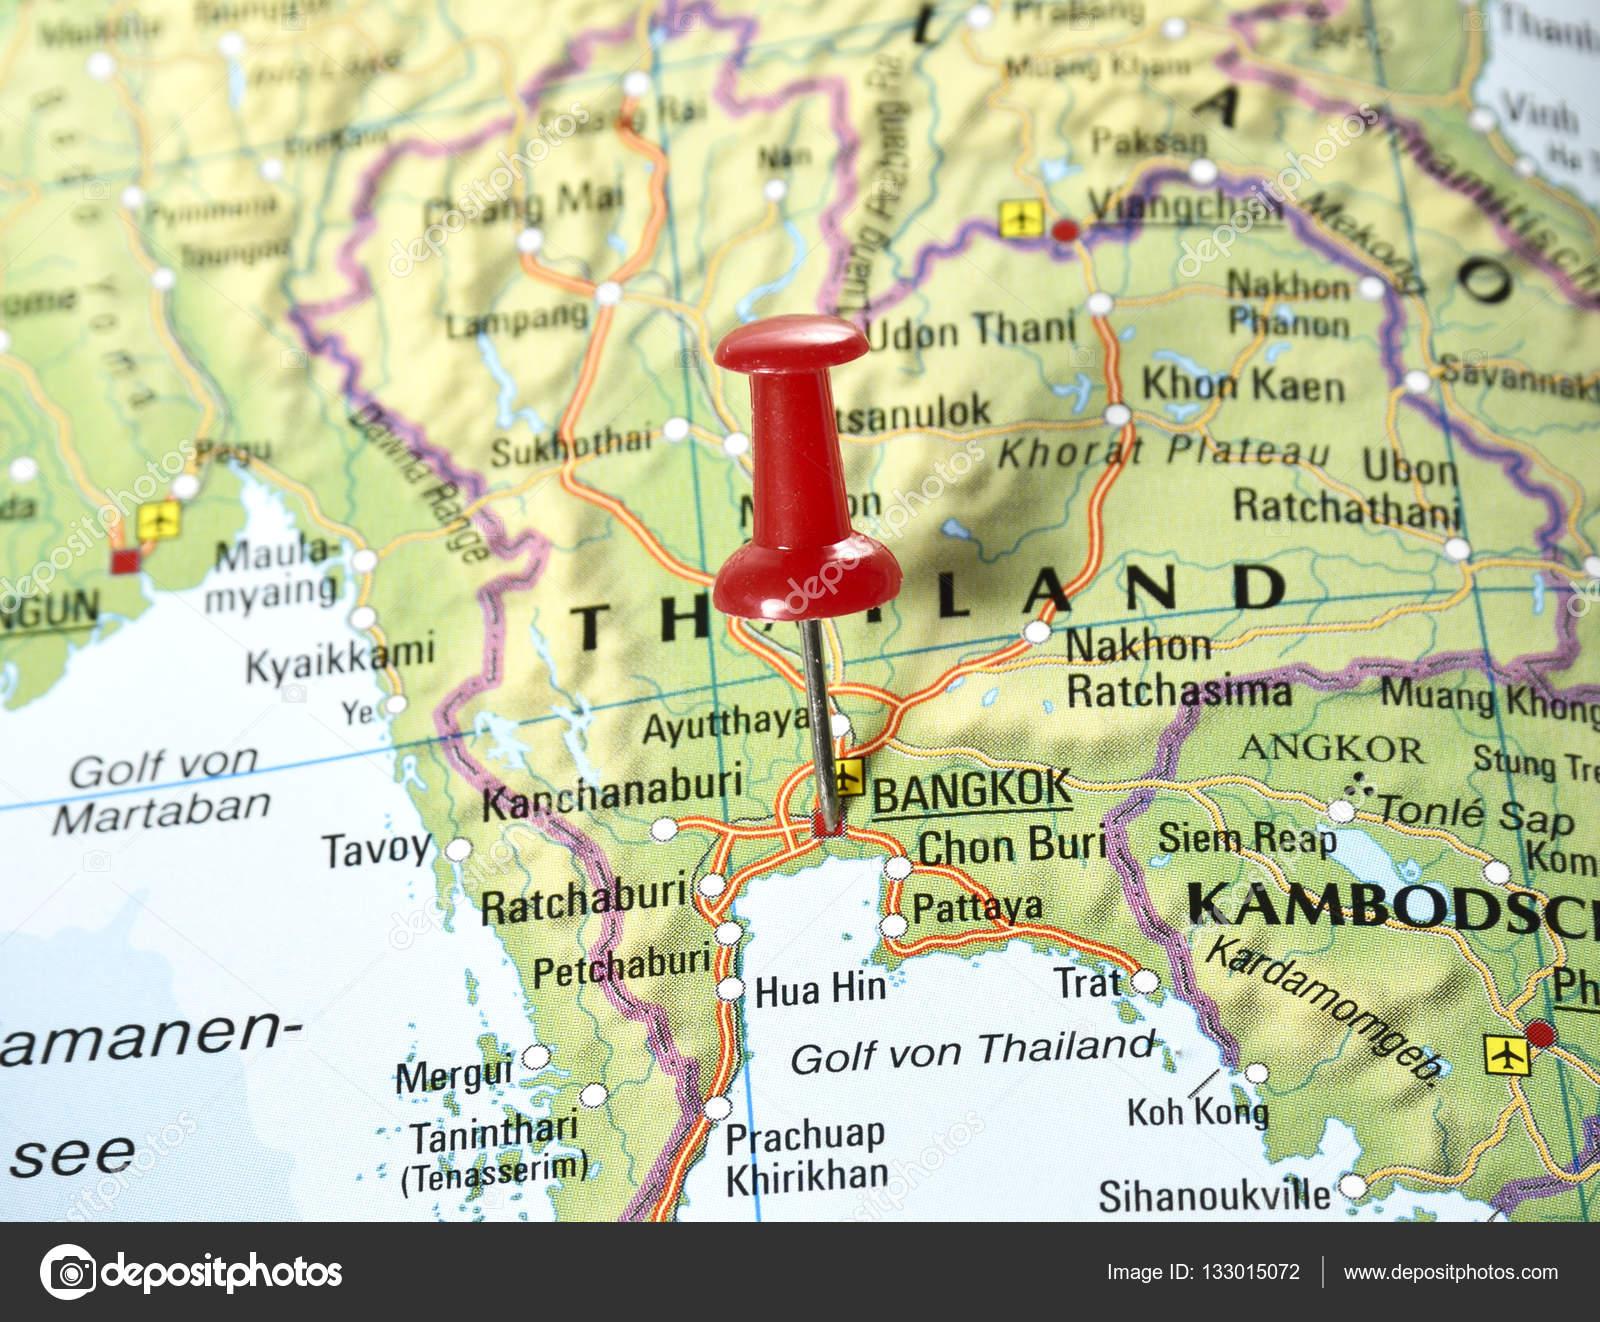 bangkok mapa Bangkok Mapa   adviseurmakelaar bangkok mapa